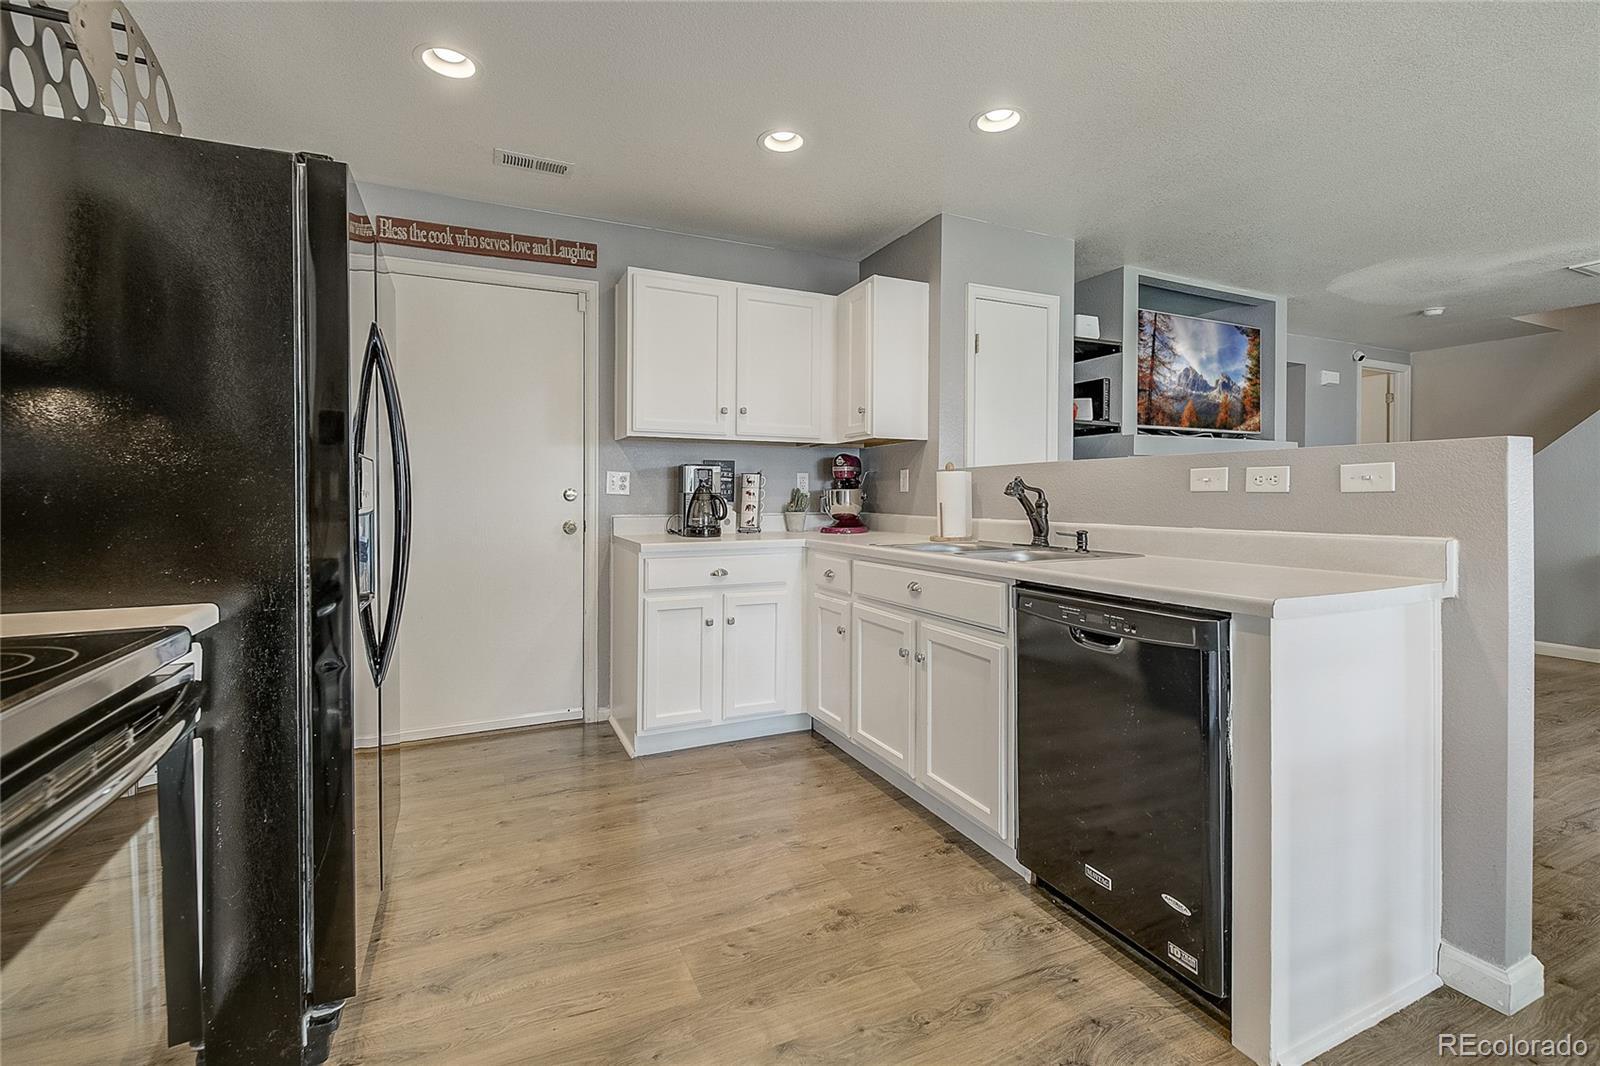 MLS# 5958307 - 12 - 10683 Butte Drive, Longmont, CO 80504